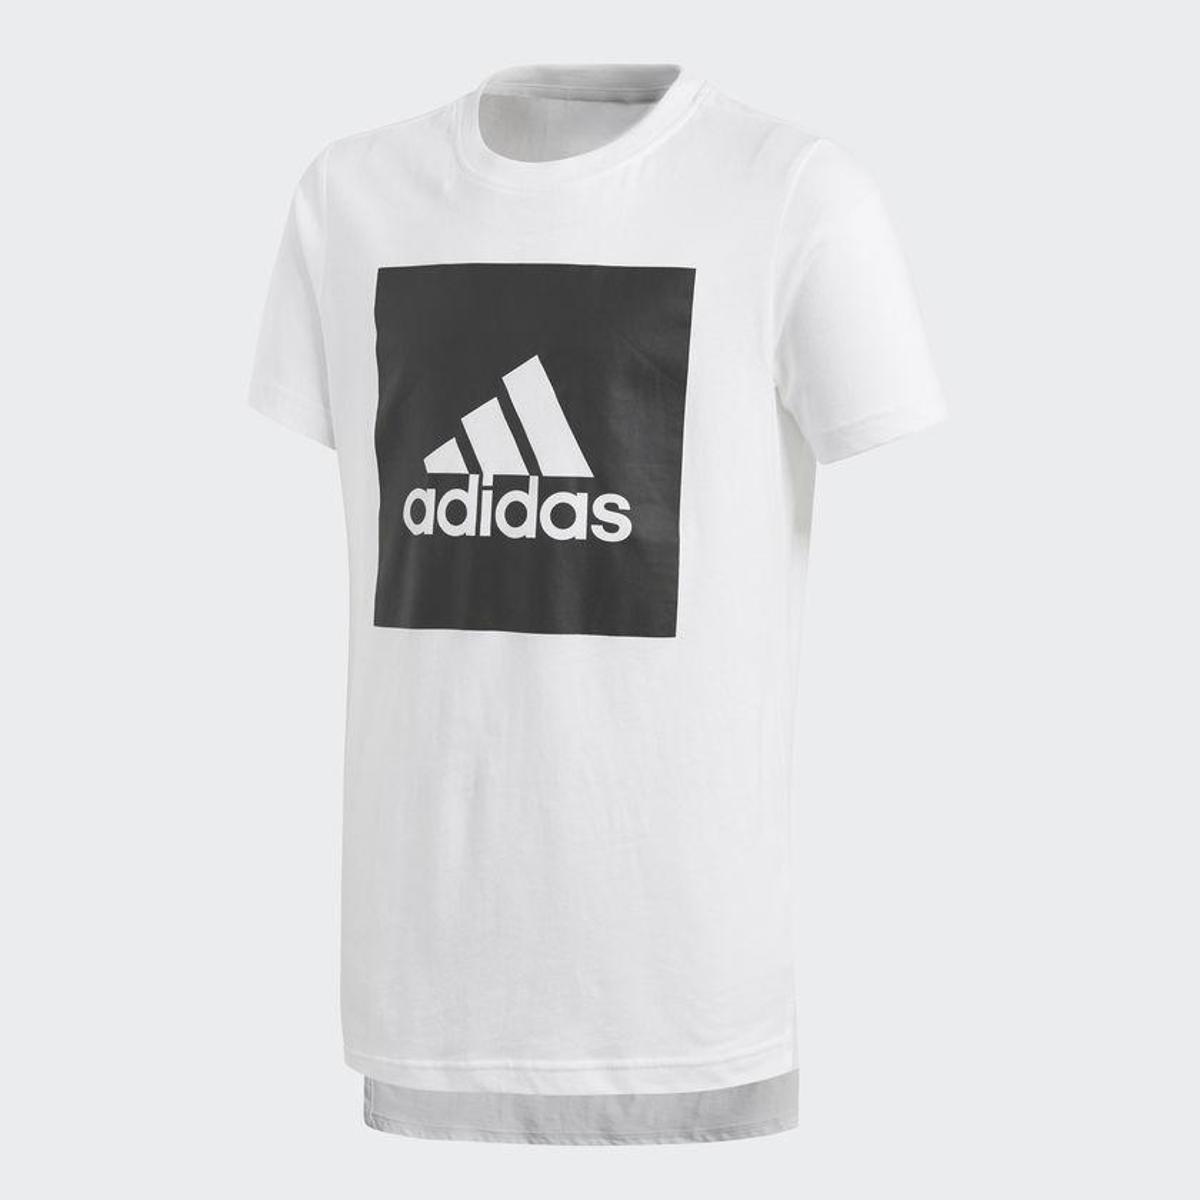 671d3d52b3510 Camiseta Infantil Adidas Yb Logo Masculina - Preto e Branco - Compre Agora